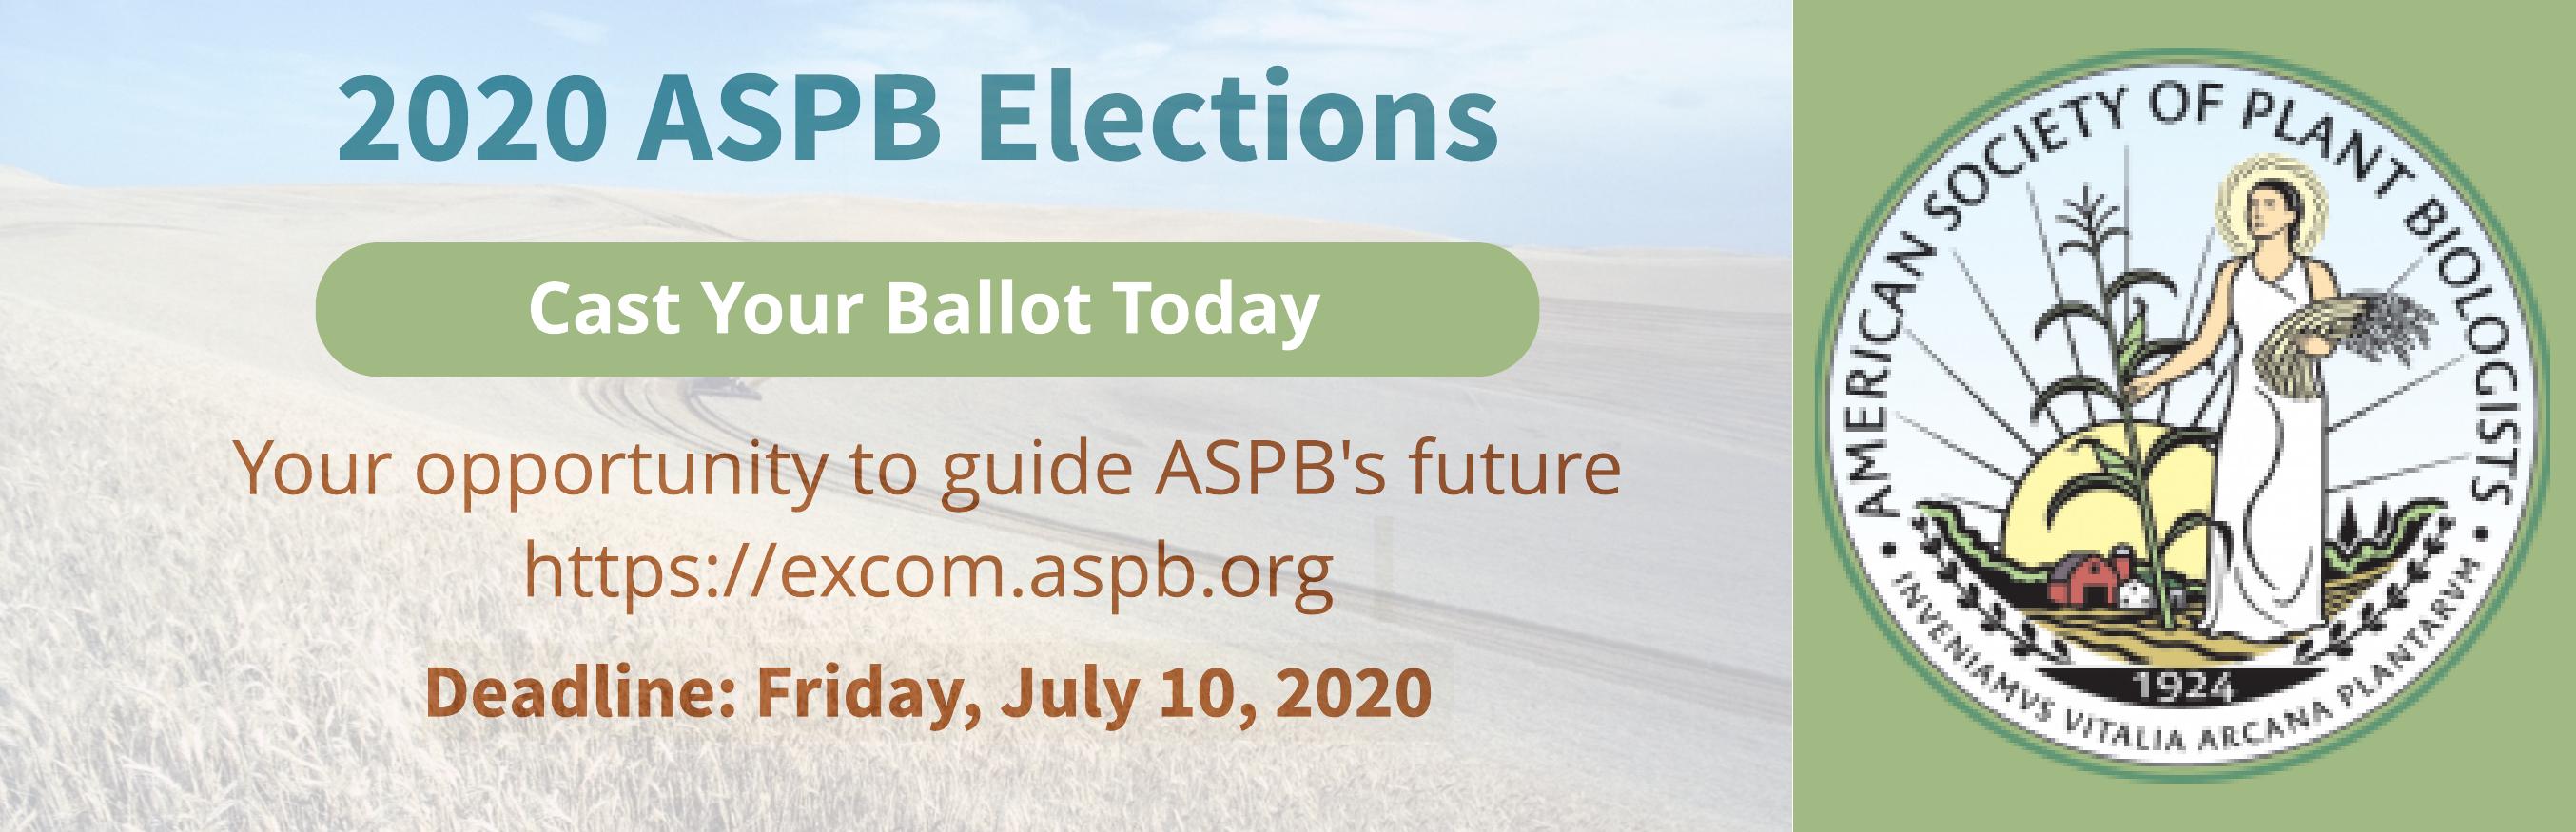 ASPB 2020 Council Elections